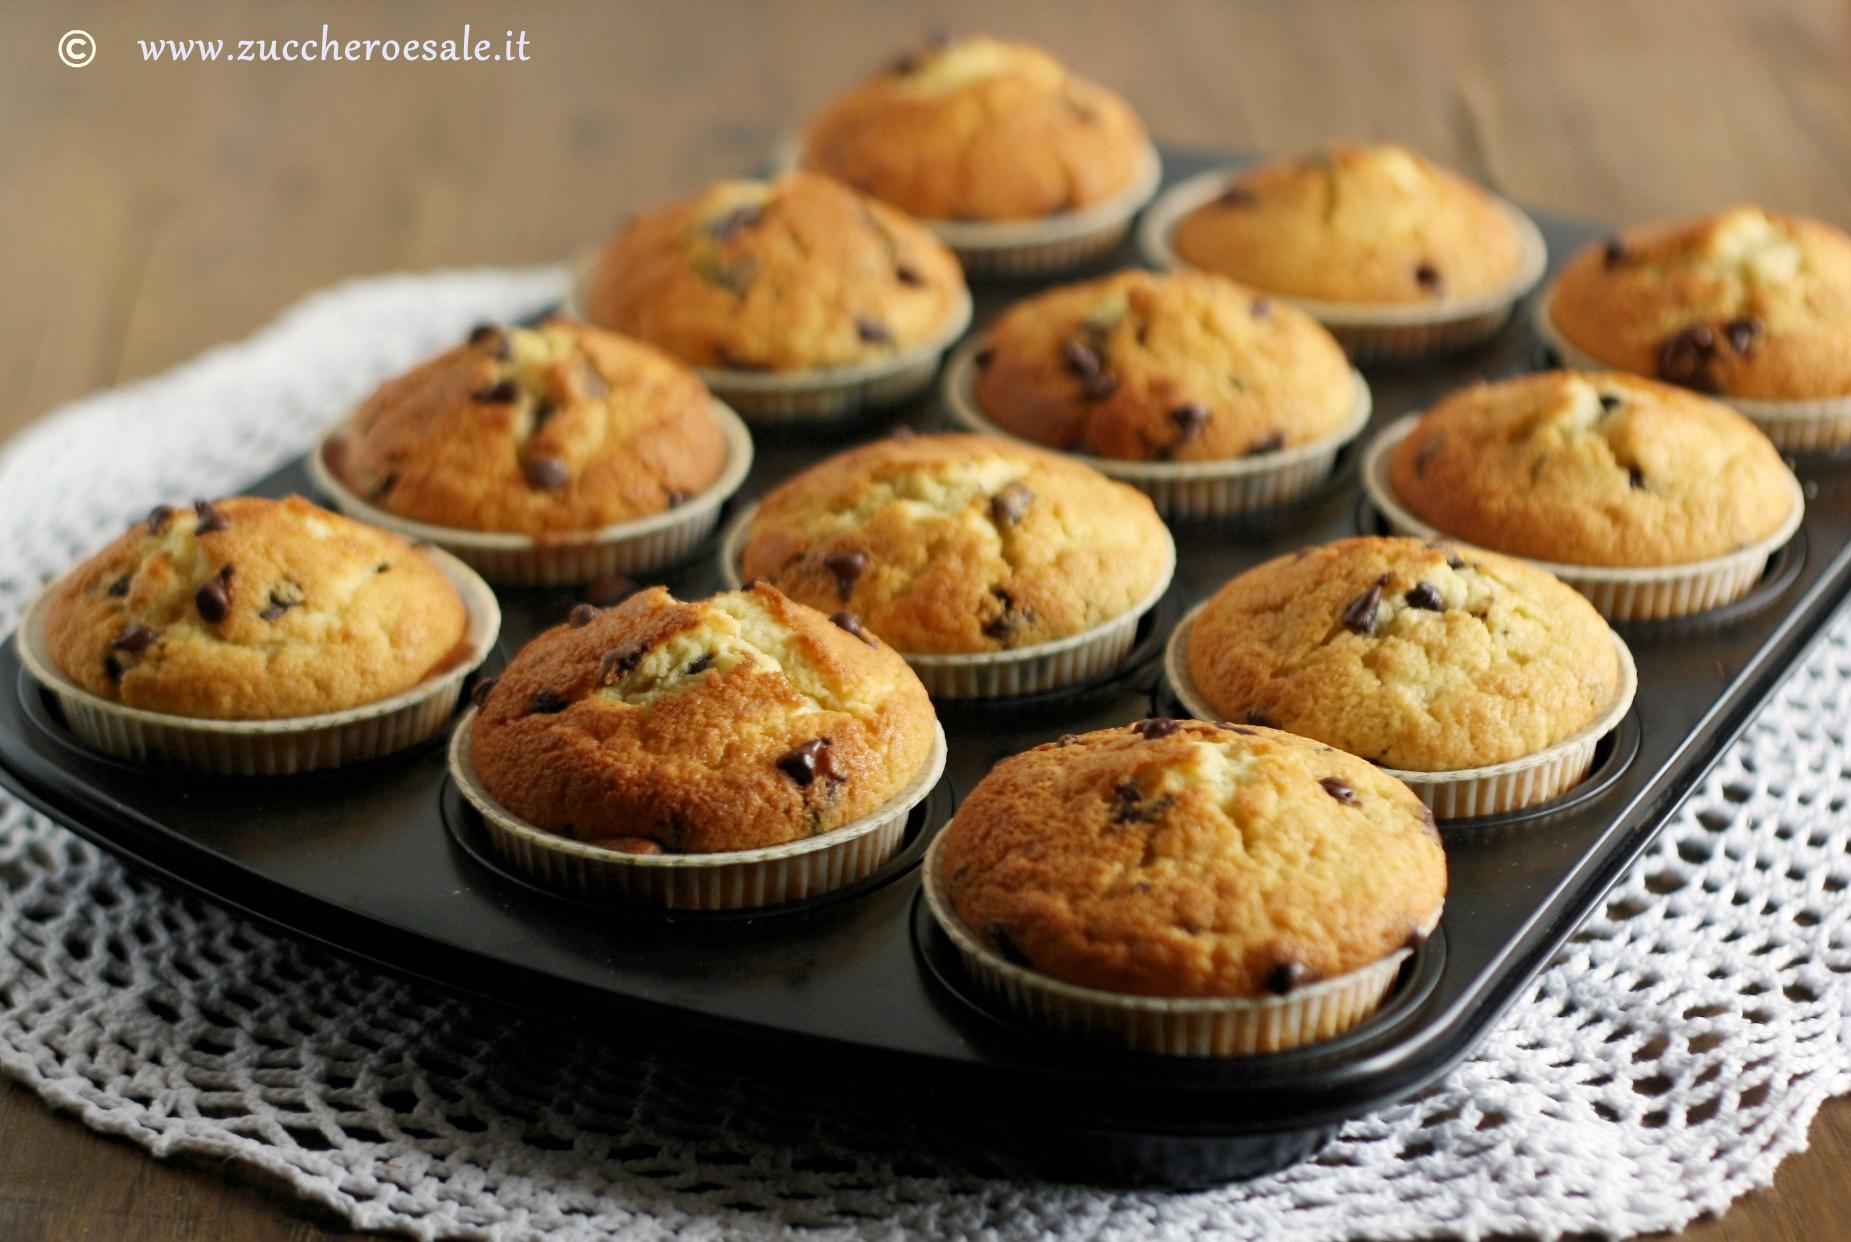 Ricetta Muffin Un Uovo.Muffin Con Gocce Di Cioccolato Semplicissimi Zucchero Sale